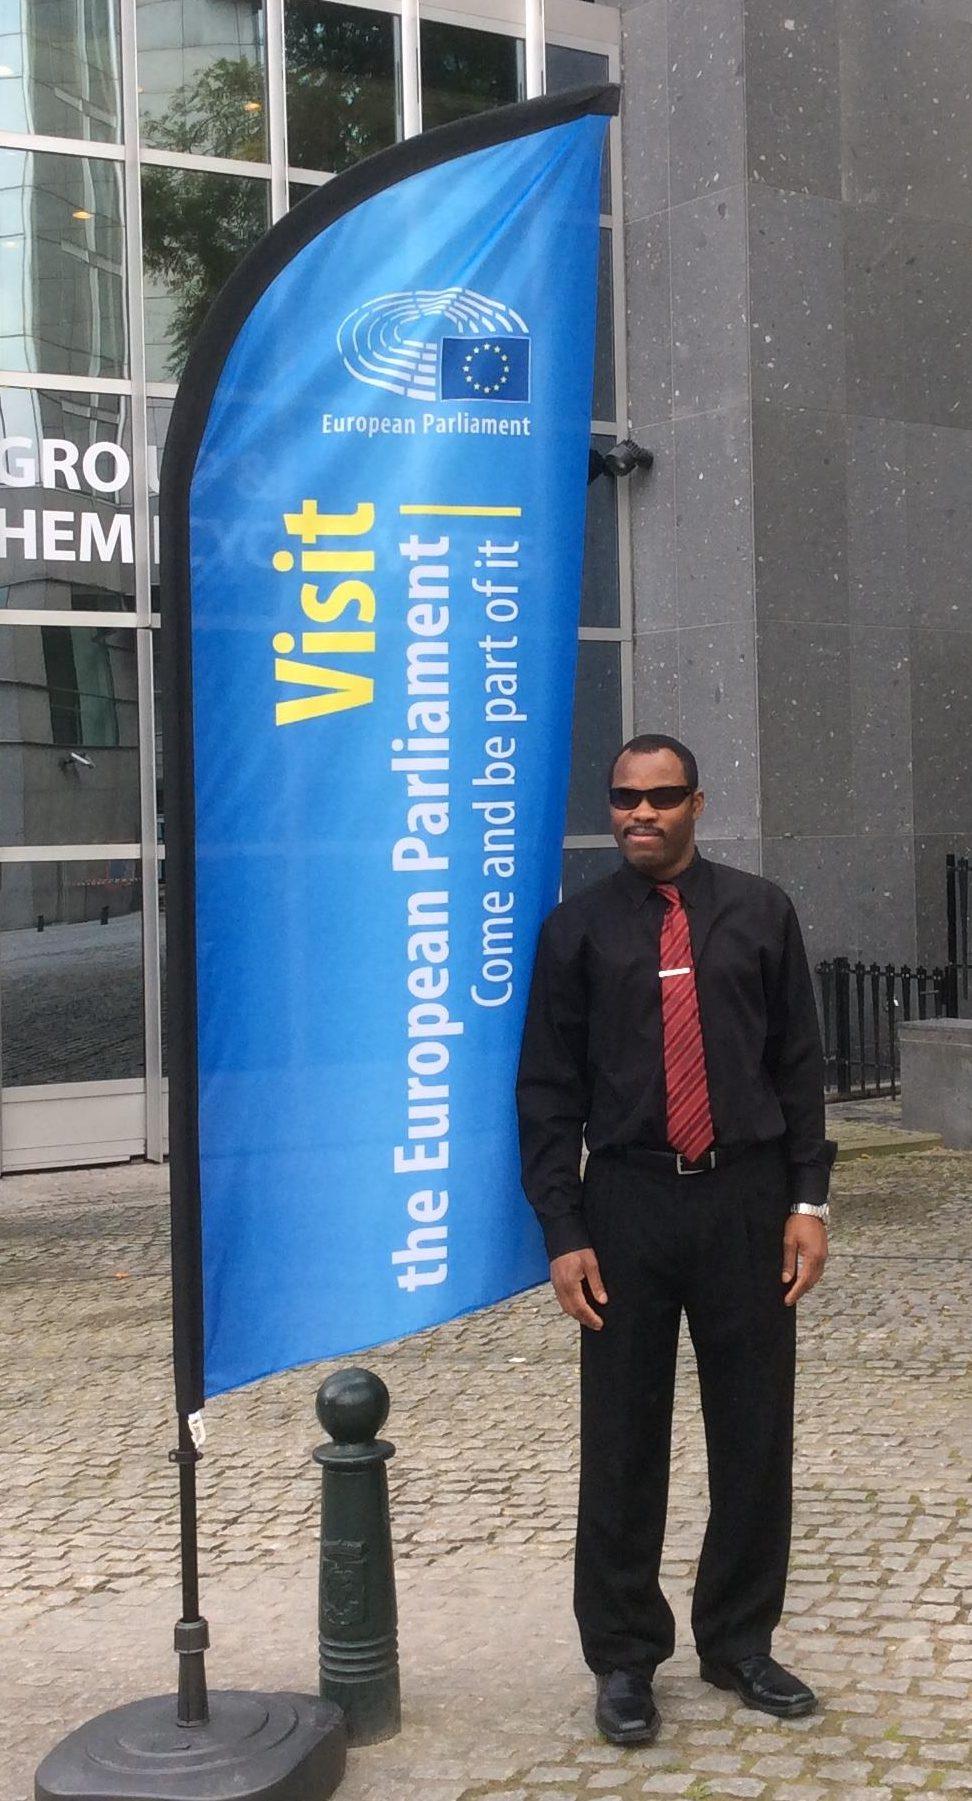 Wilson Charles at the EU